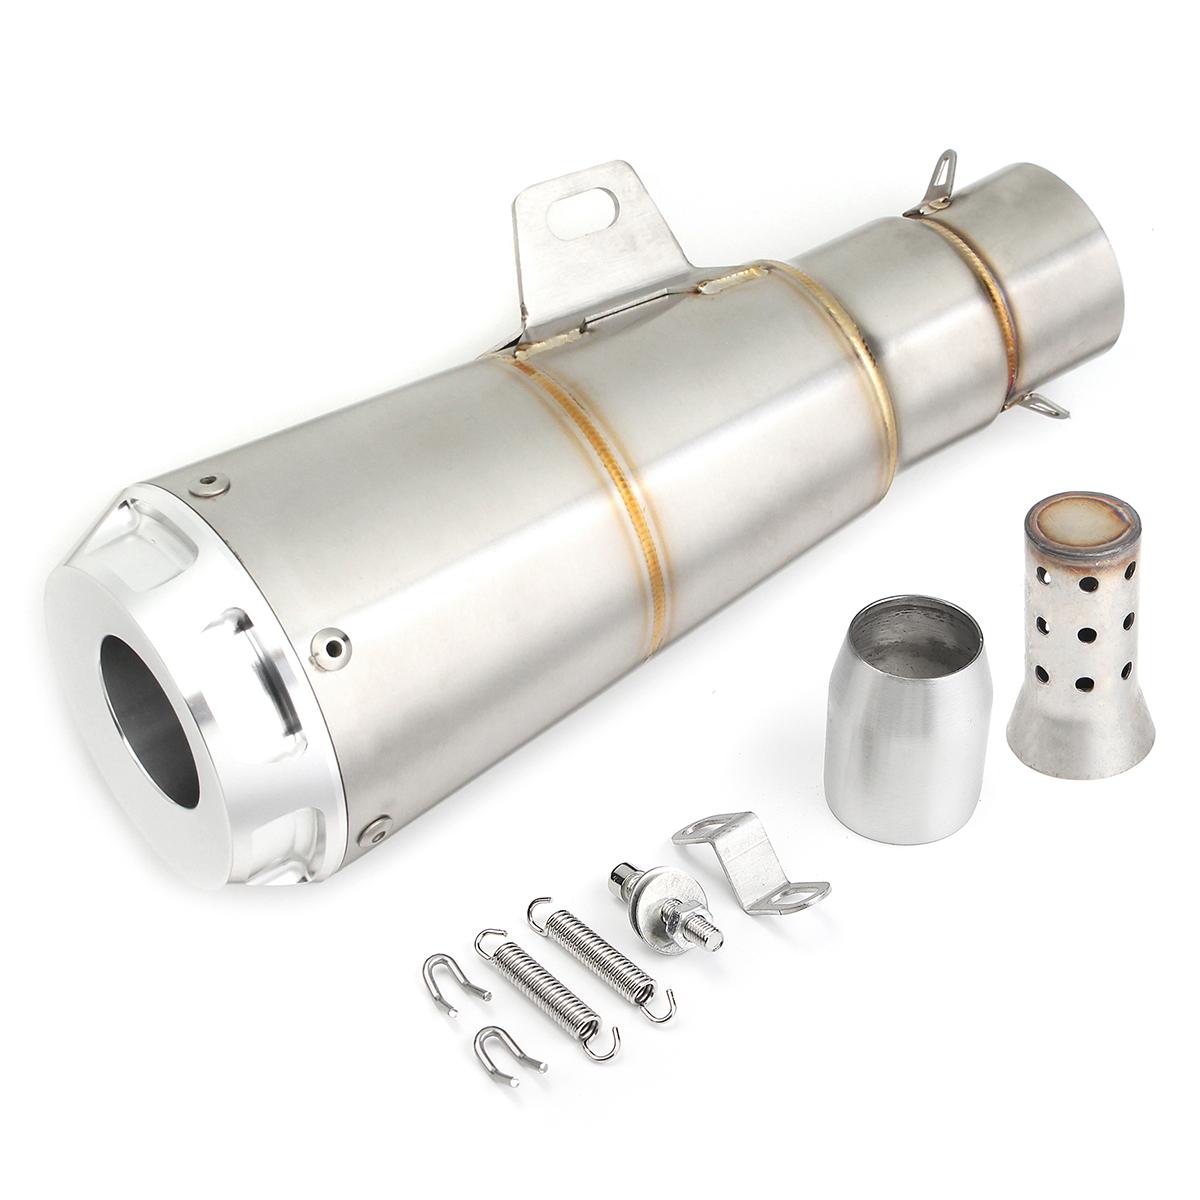 38-51 мм Плоский / круглый выпуск из нержавеющей стали мотоцикл Вытяжной глушитель Трубный наконечник с глушителем